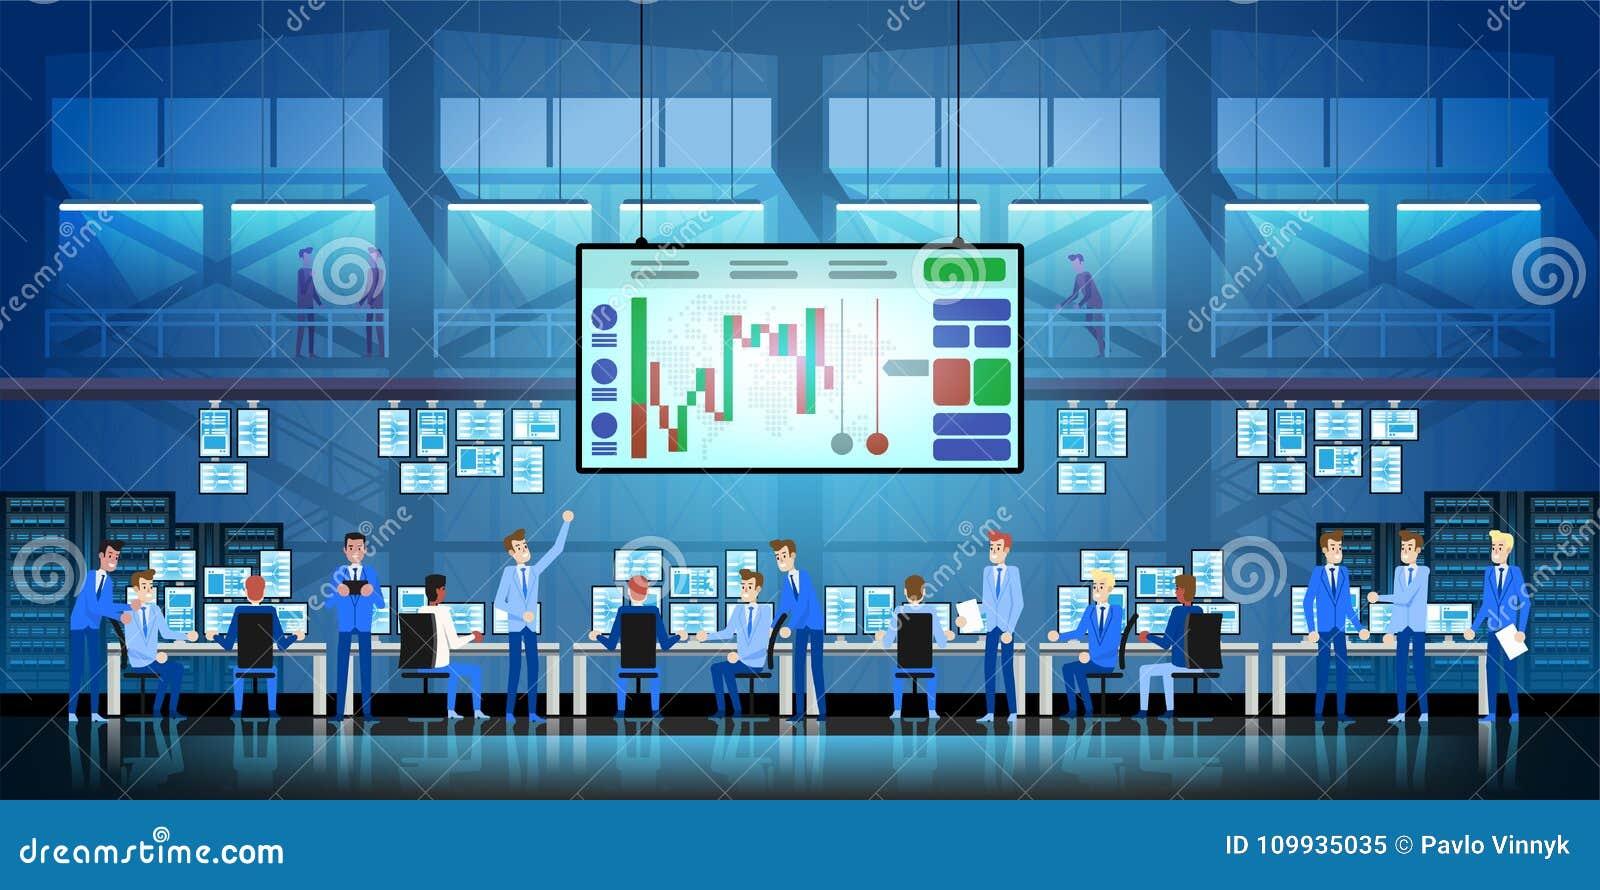 Έννοια επιτυχίας εργασίας επιχειρησιακών ομάδων On-line κάνοντας εμπόριο Μεσιτεία που κάνει εμπόριο στο διάνυσμα χρηματιστηρίου σ